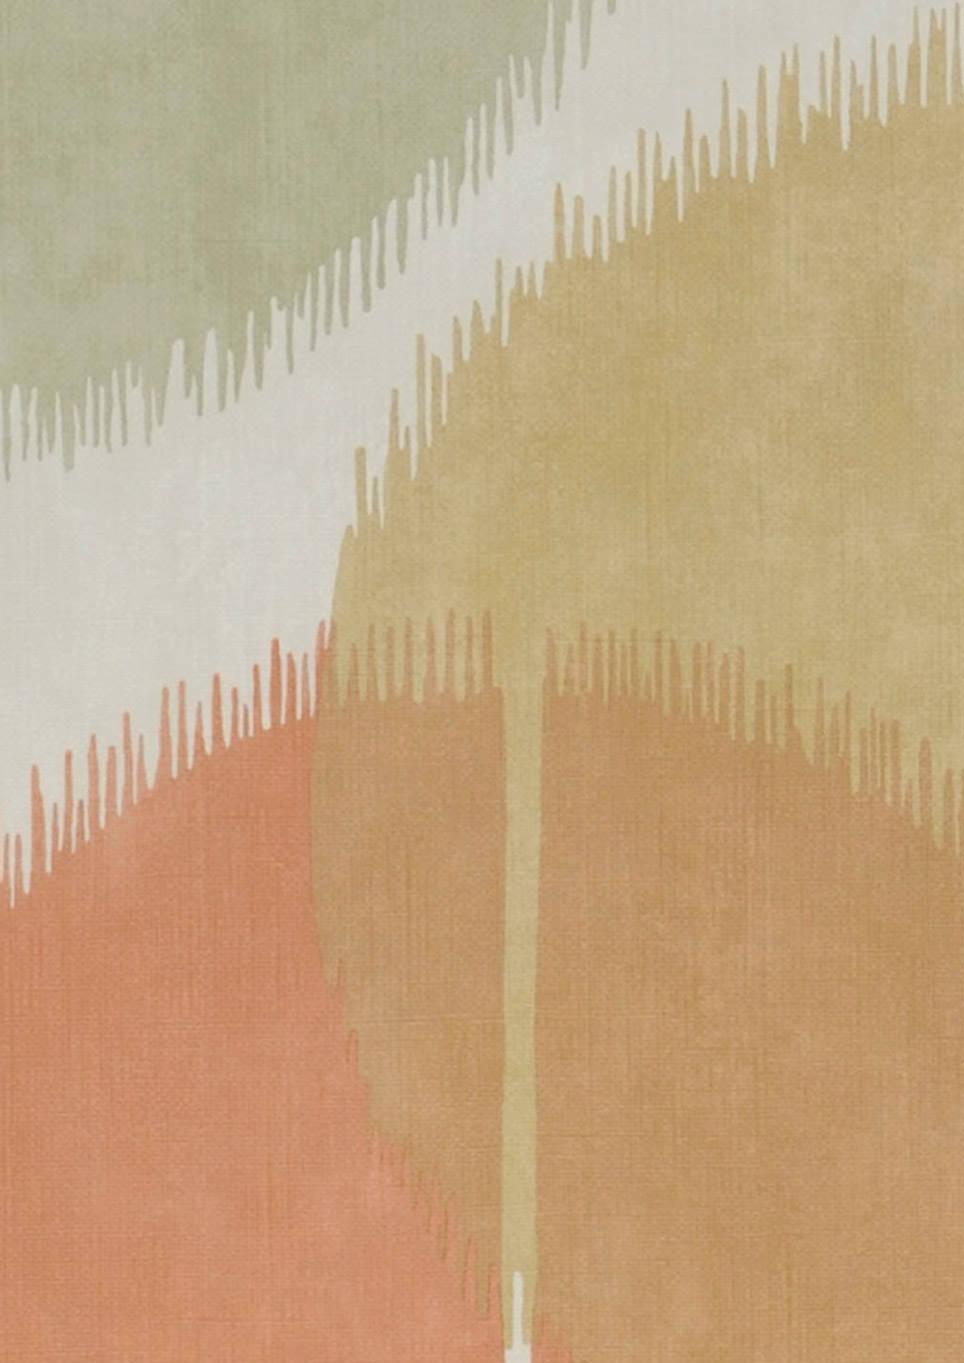 tapete loris cremeweiss beigerot elfenbein gr nbeige mintt rkis sandgelb tapeten der 70er. Black Bedroom Furniture Sets. Home Design Ideas